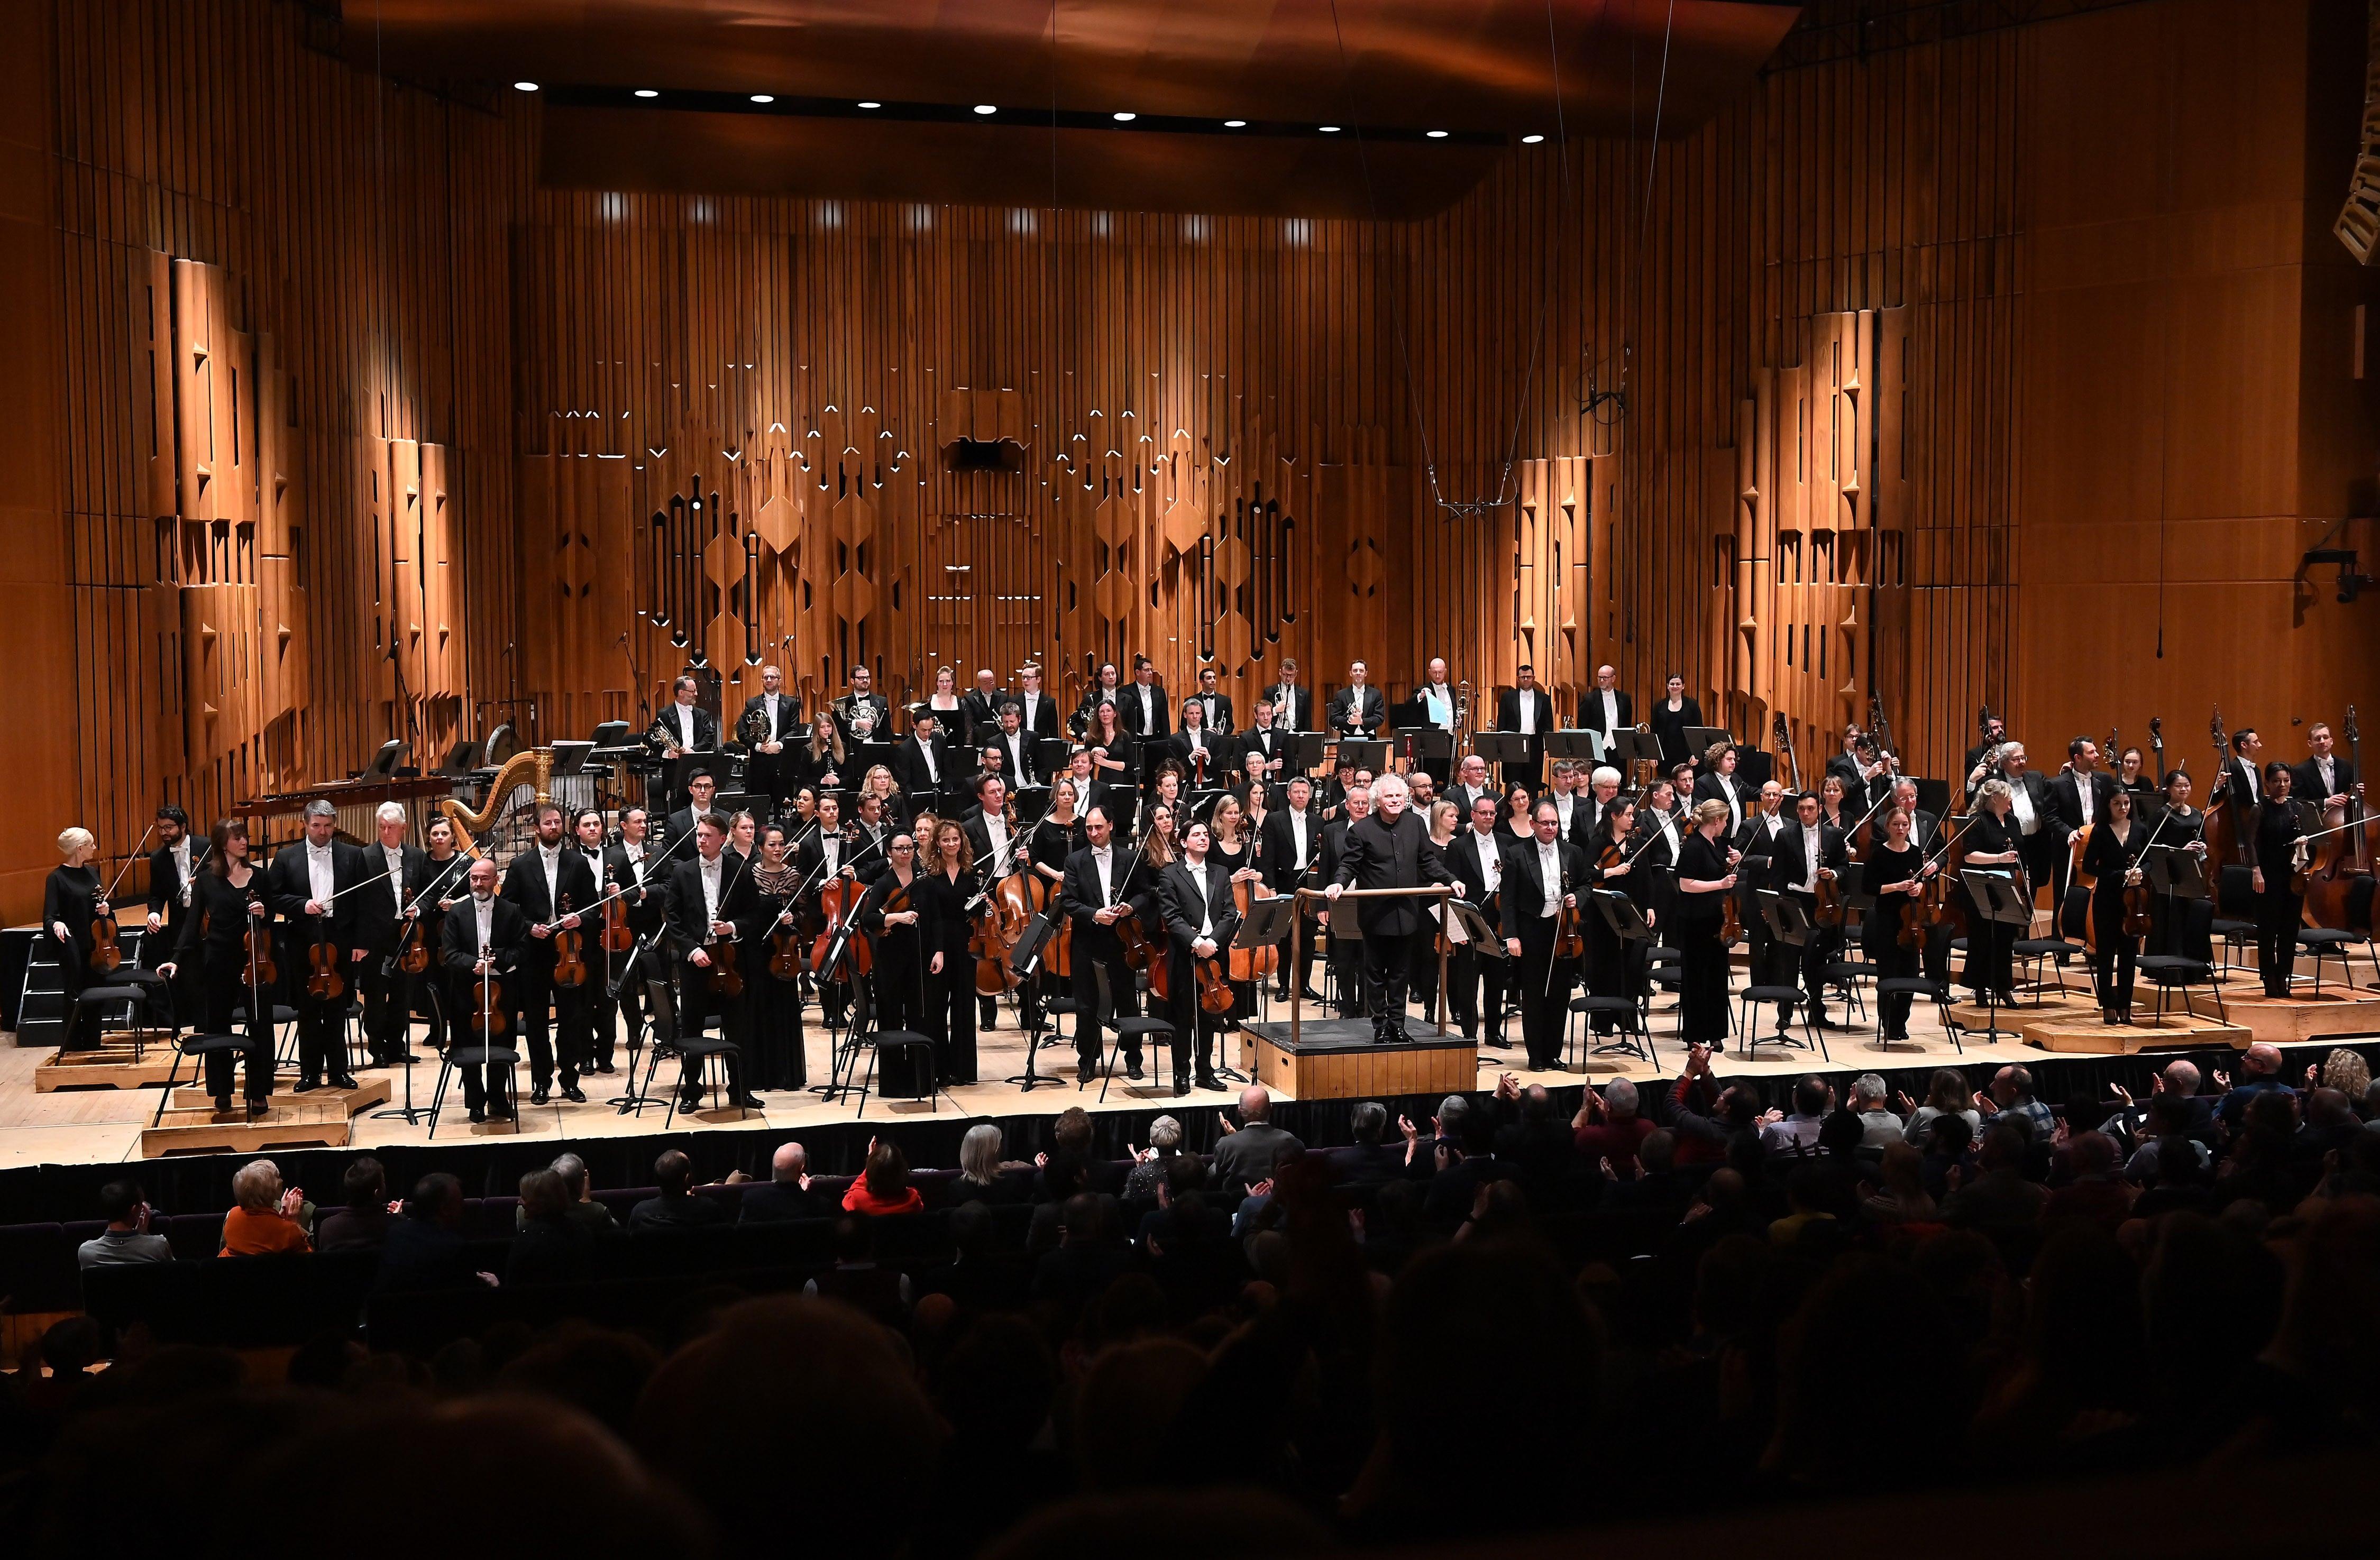 El Teatro Colón recibe por primera vez a la prestigiosa London Symphony Orchestra